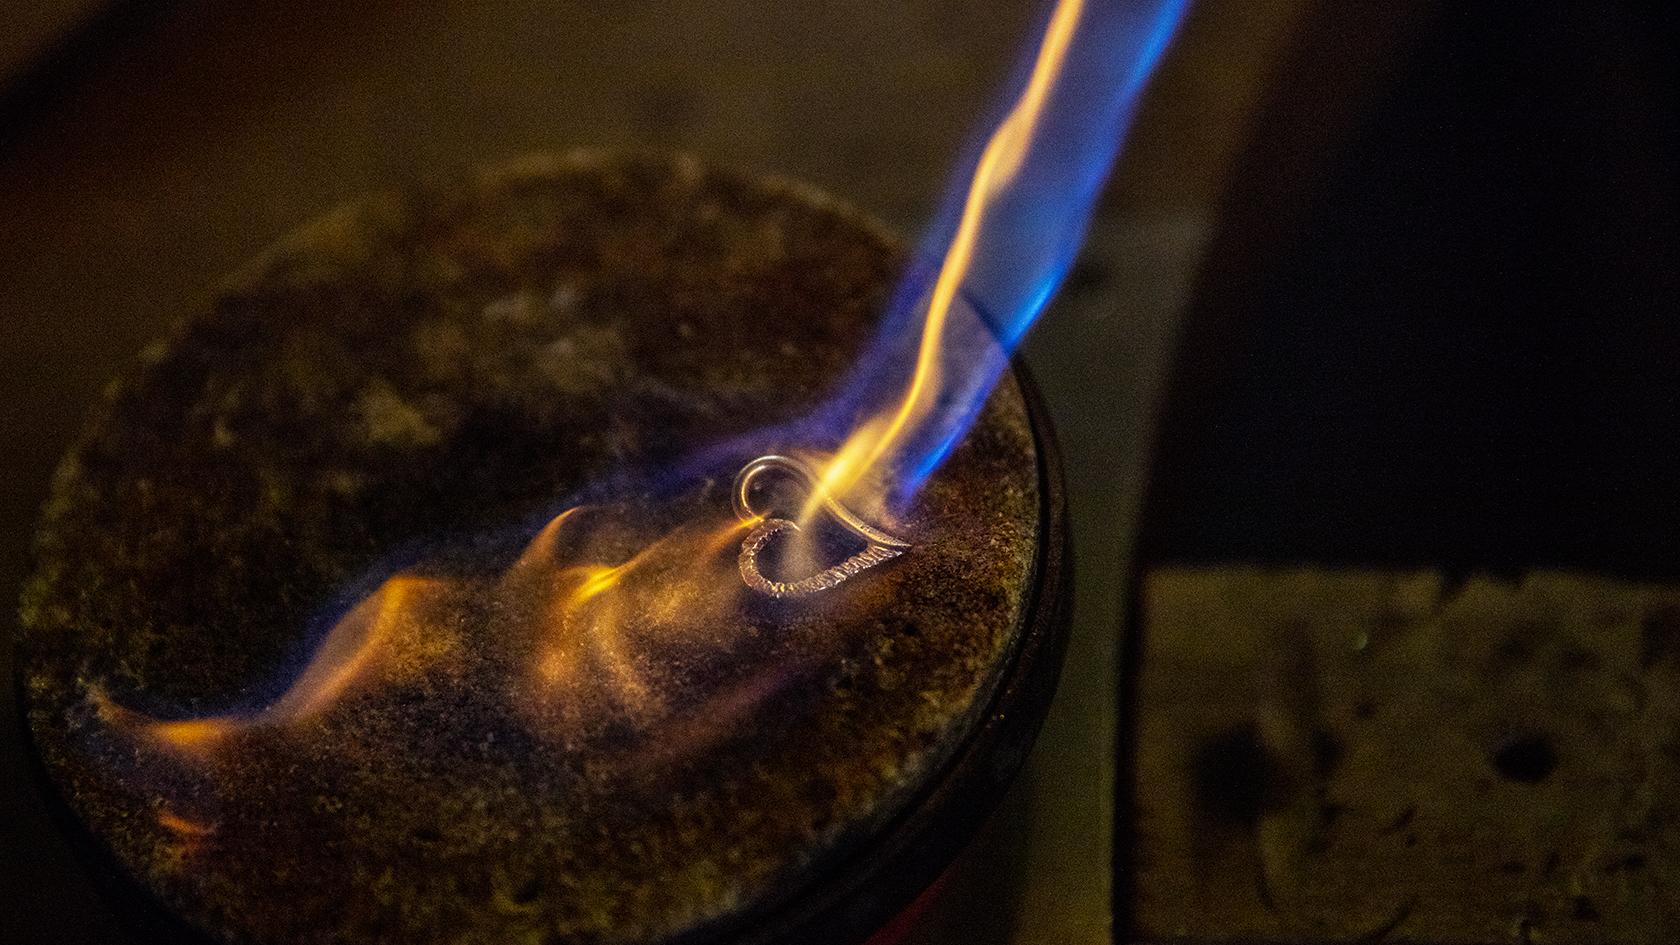 I guldsmedjen i Otterup arbejder Camilla Jensen efter de gode, gamle håndværksmetoder. Her er hun igang med at opvarme to halve hjerter af sølv, som hun lodder sammen til ét smykke.